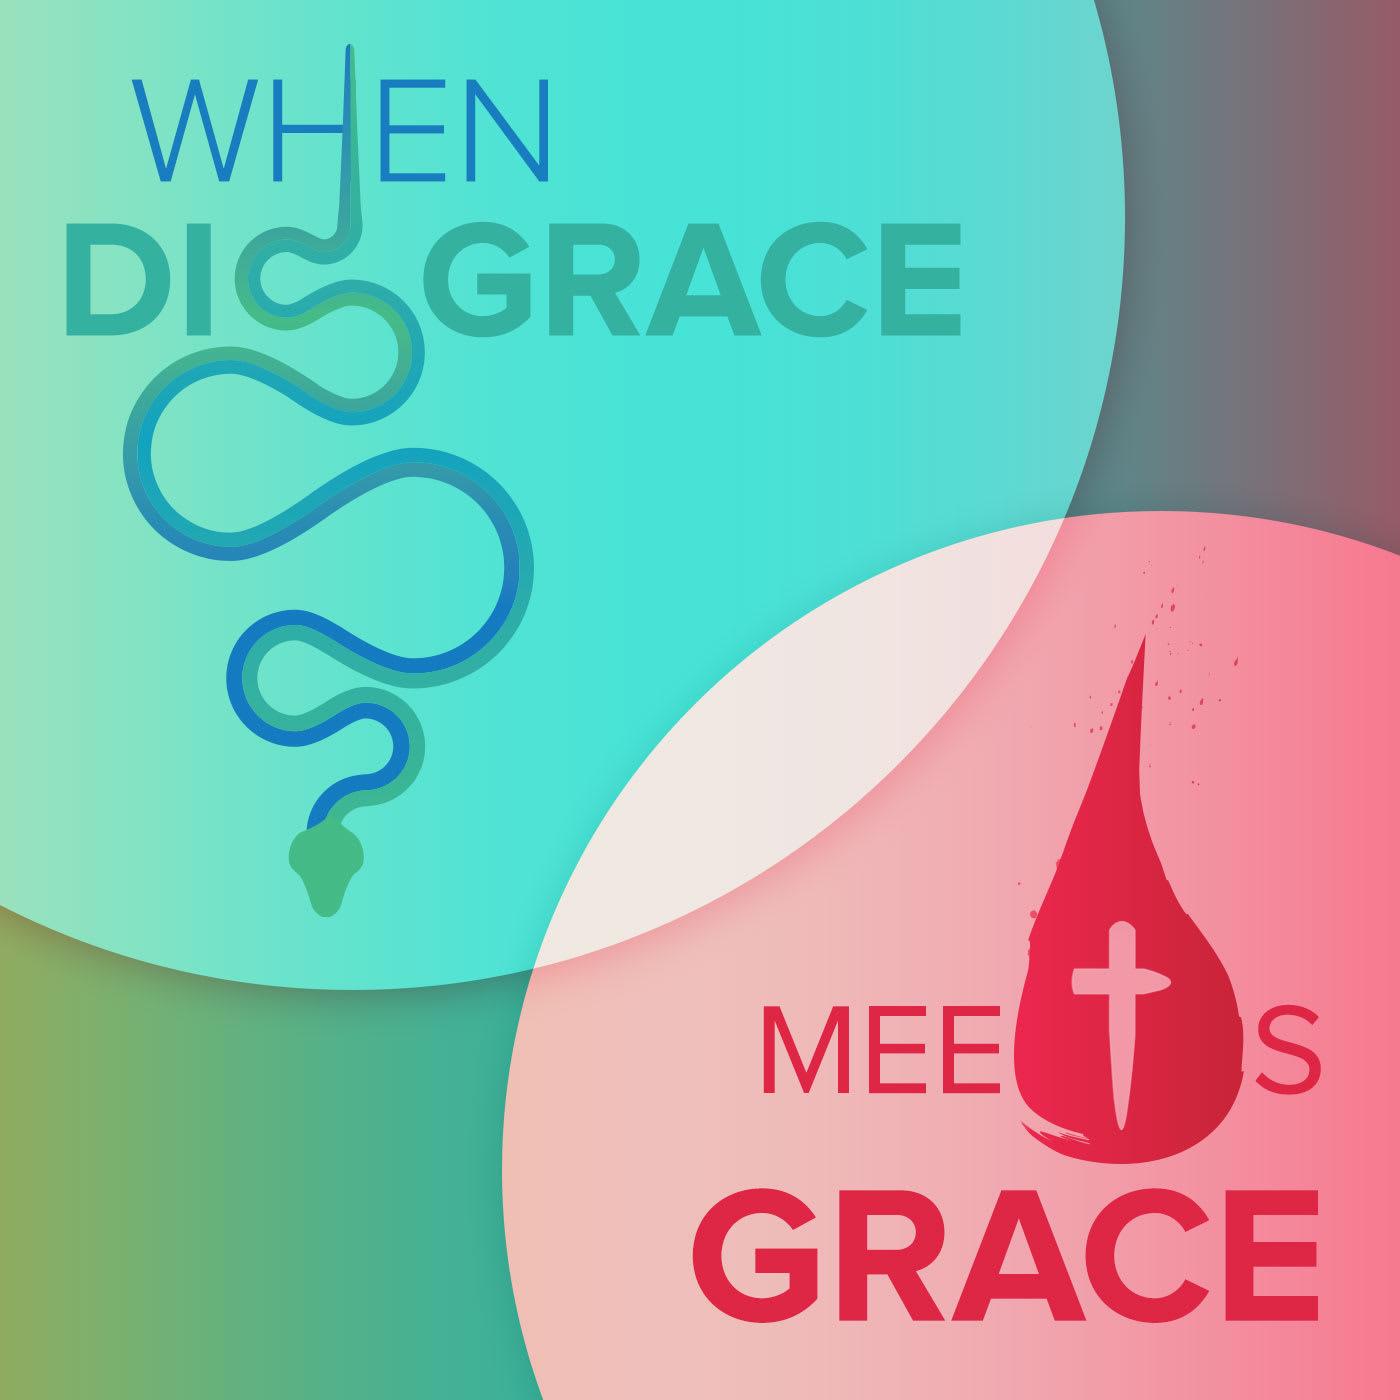 When Disgrace Meets Grace